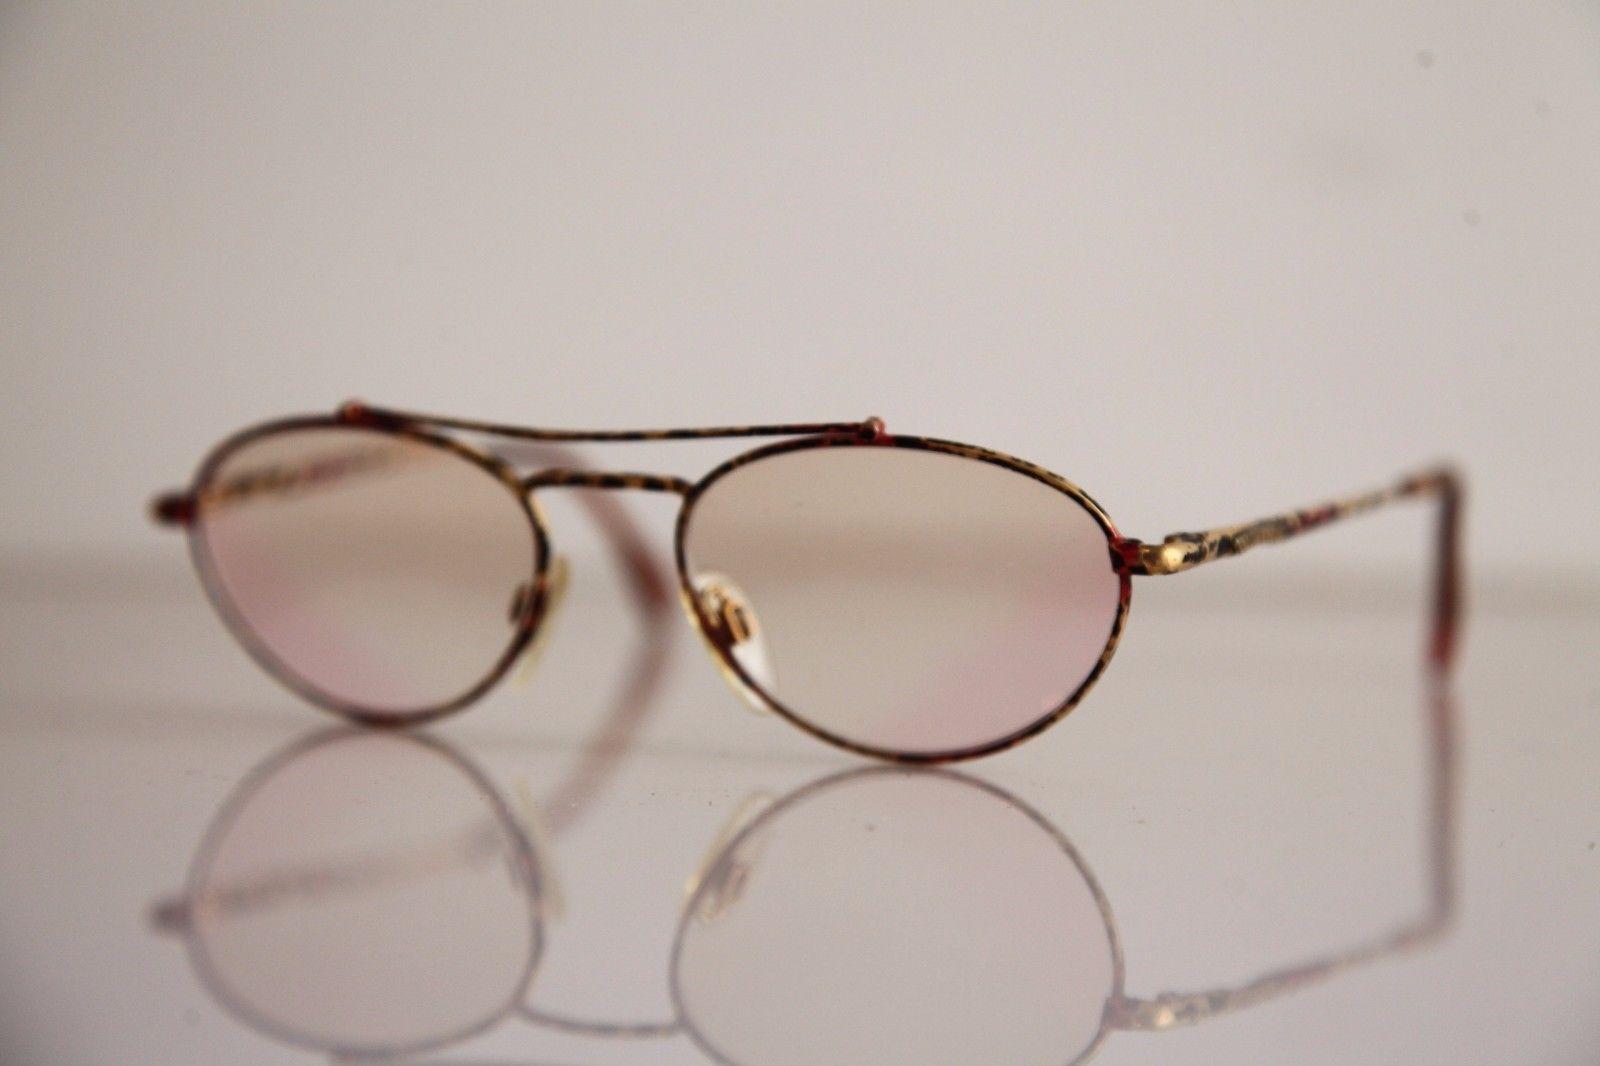 MARK O' POLO METZLER Eyewear, Multi-color Frame, RX-Able Prescription lenses.